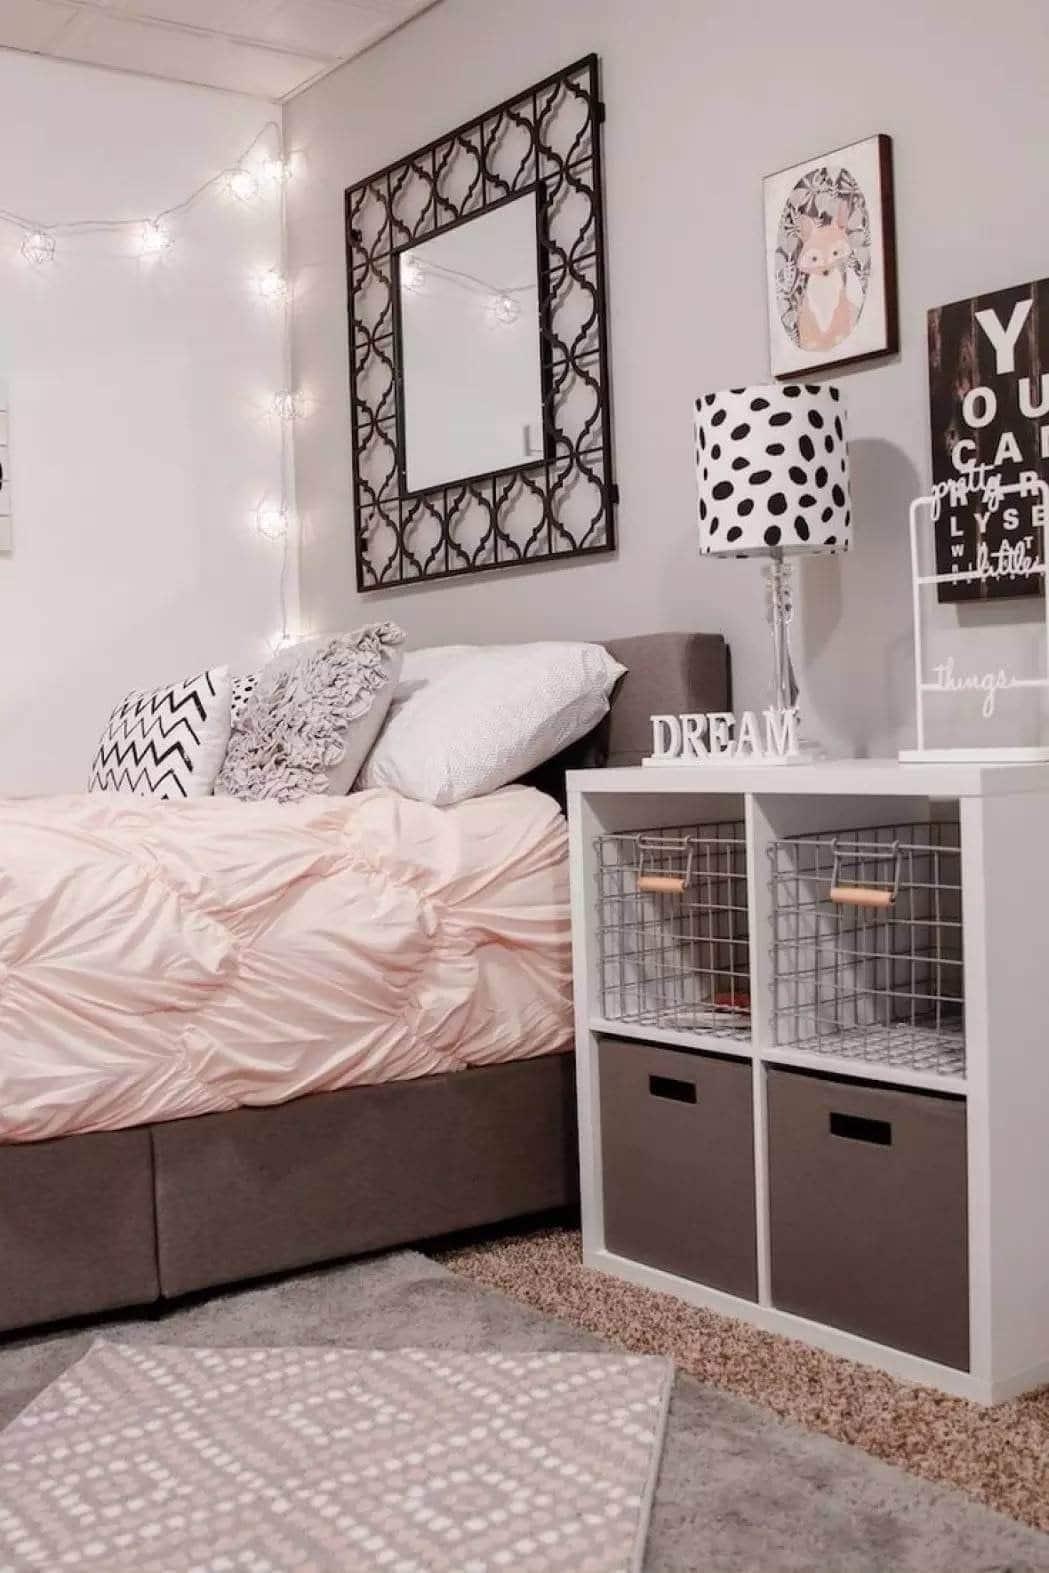 Fantastique Chambre d'ado fille : 30 idées de décoration pour une chambre moderne UC-23